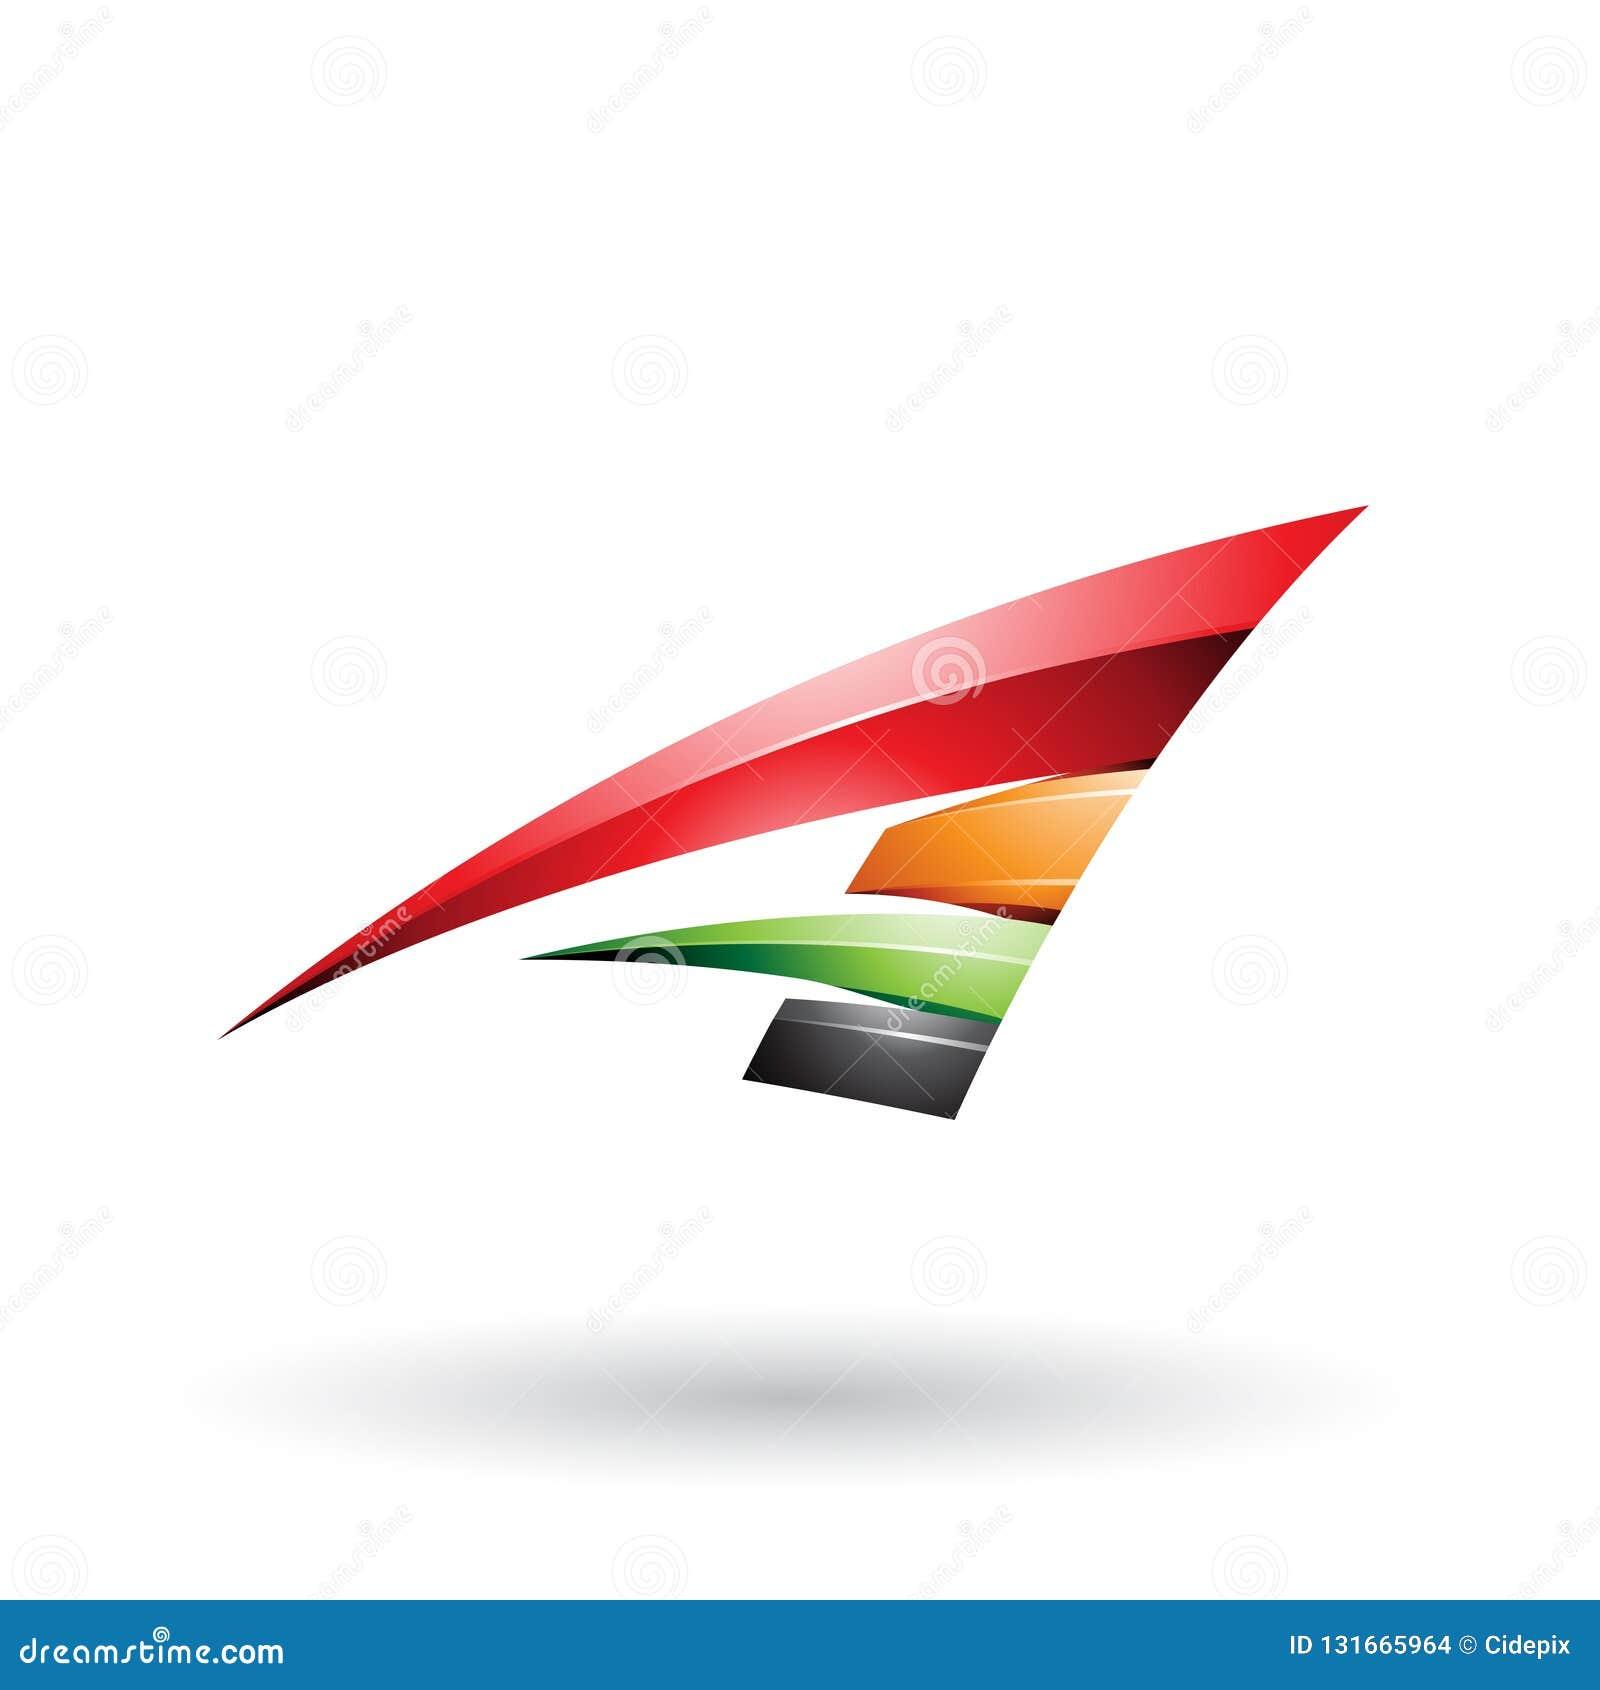 Roter schwarzer und orange dynamischer glatter fliegender Buchstabe A lokalisierte auf einem weißen Hintergrund